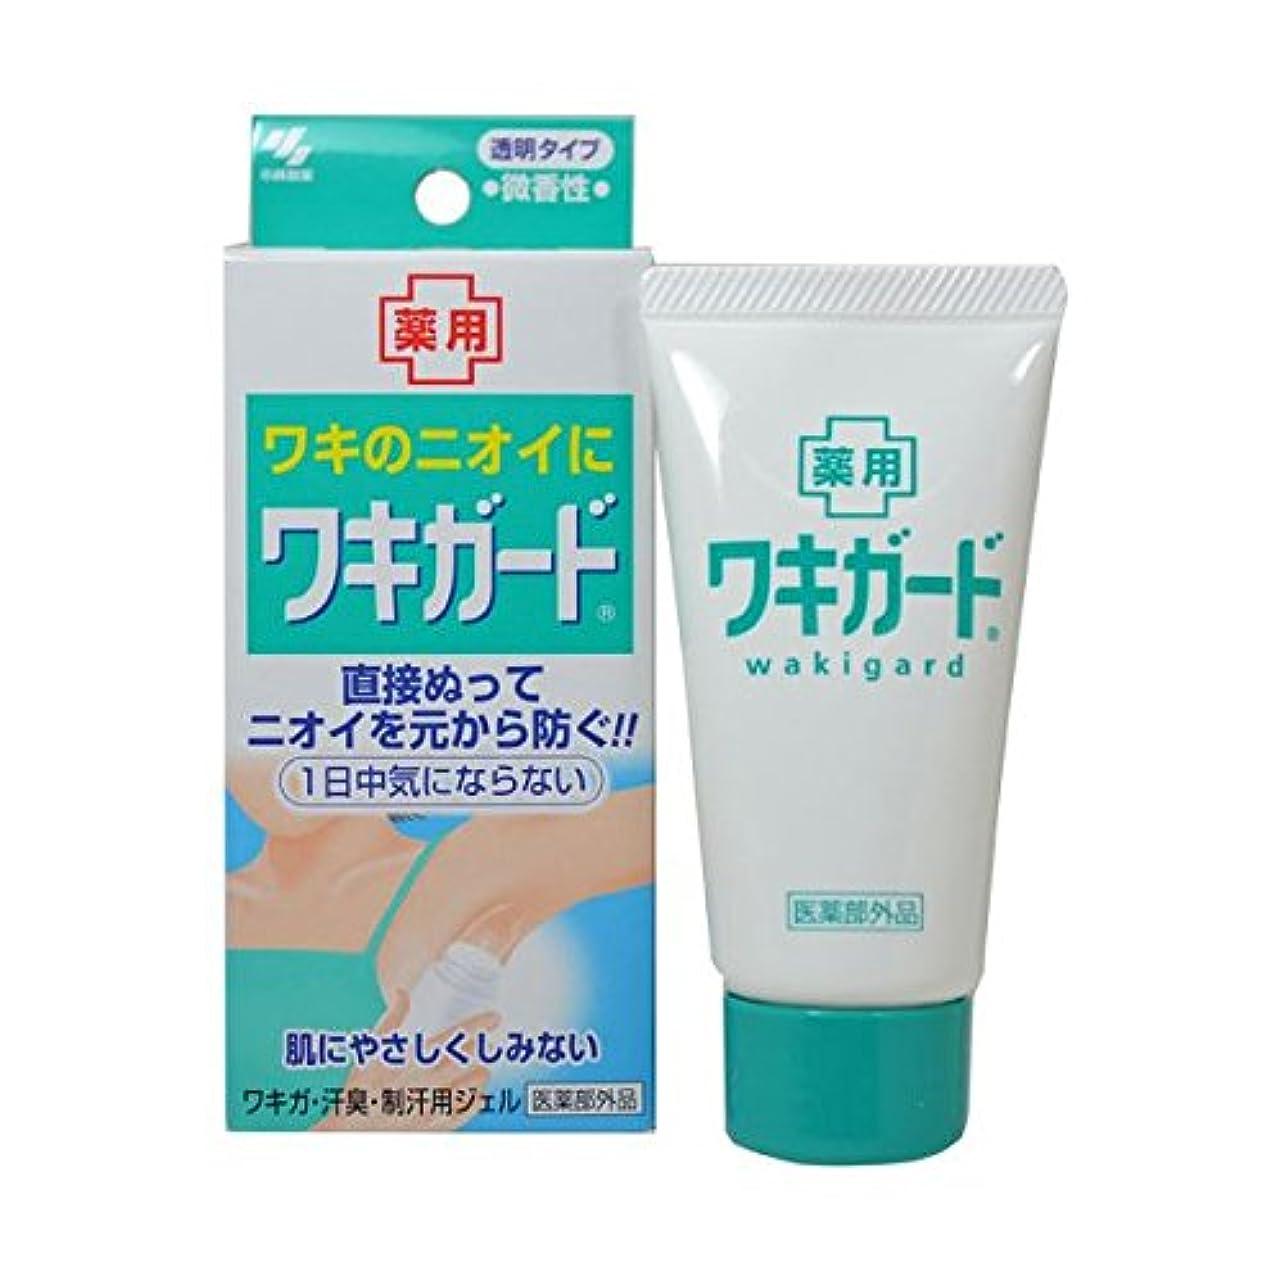 【お徳用 3 セット】 小林製薬 ワキガード 50g×3セット